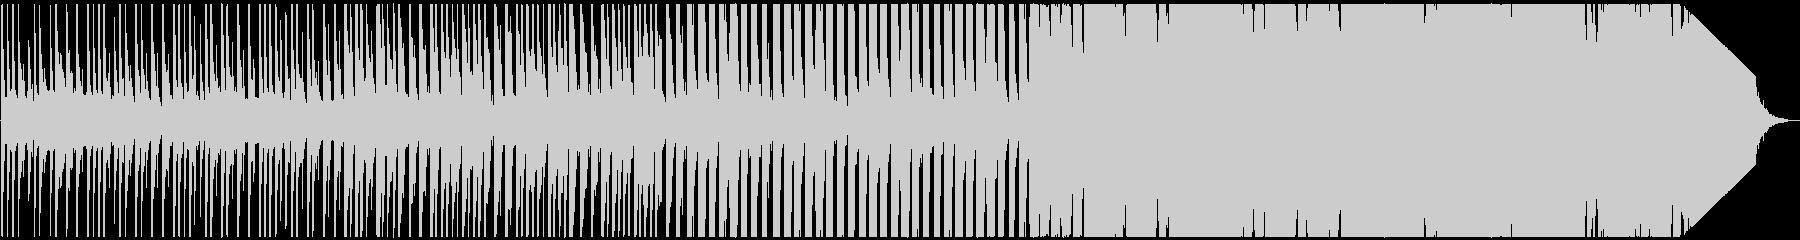 石の世界をイメージしたBGMの未再生の波形